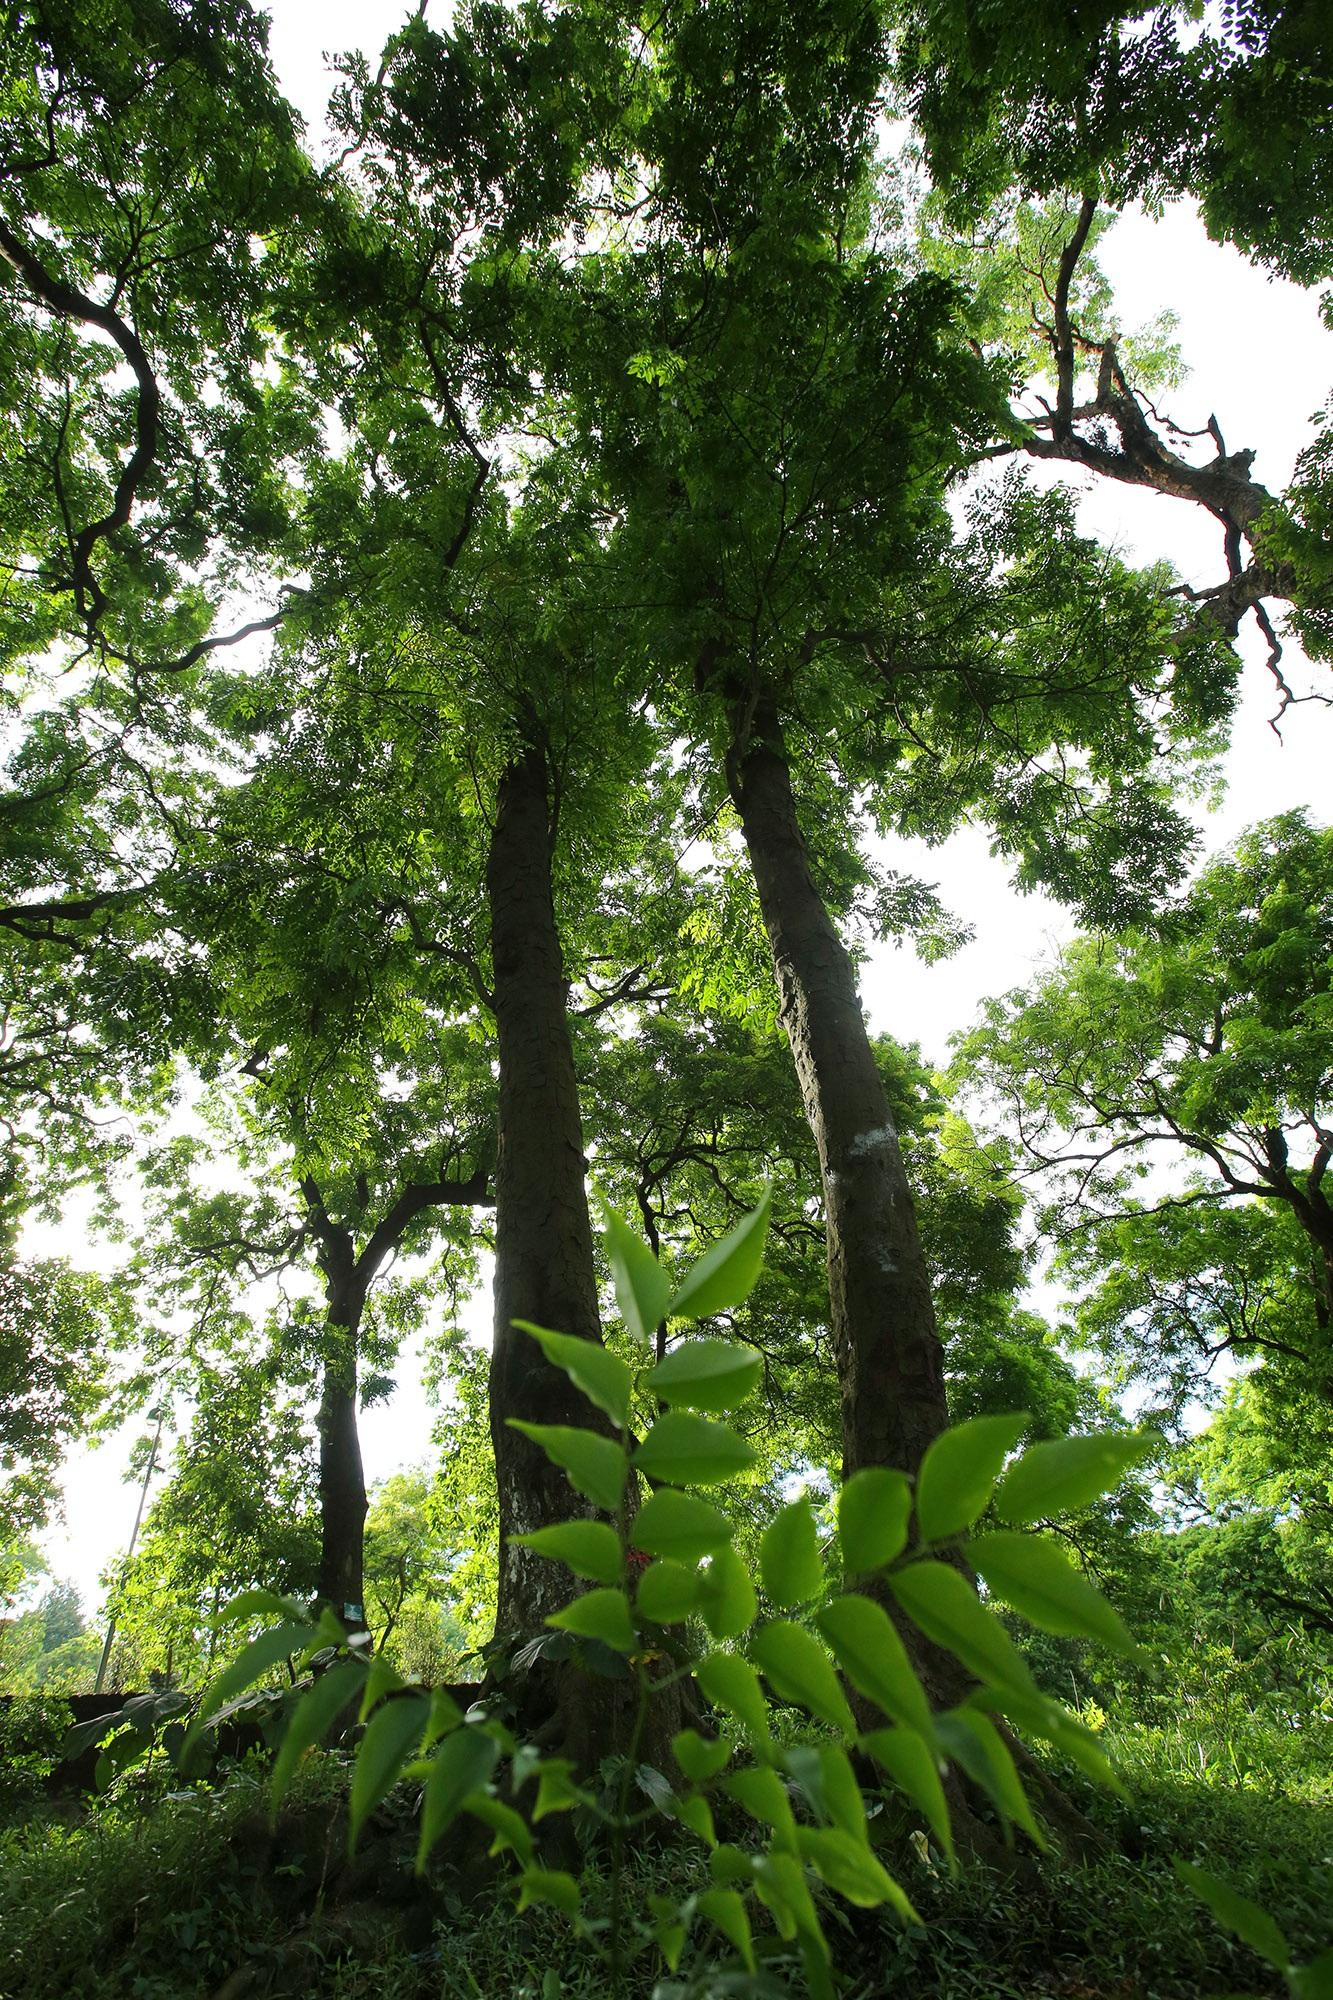 Rừng lim xanh cổ thụ hơn nghìn năm tuổi ngay tại Hà Nội - 5